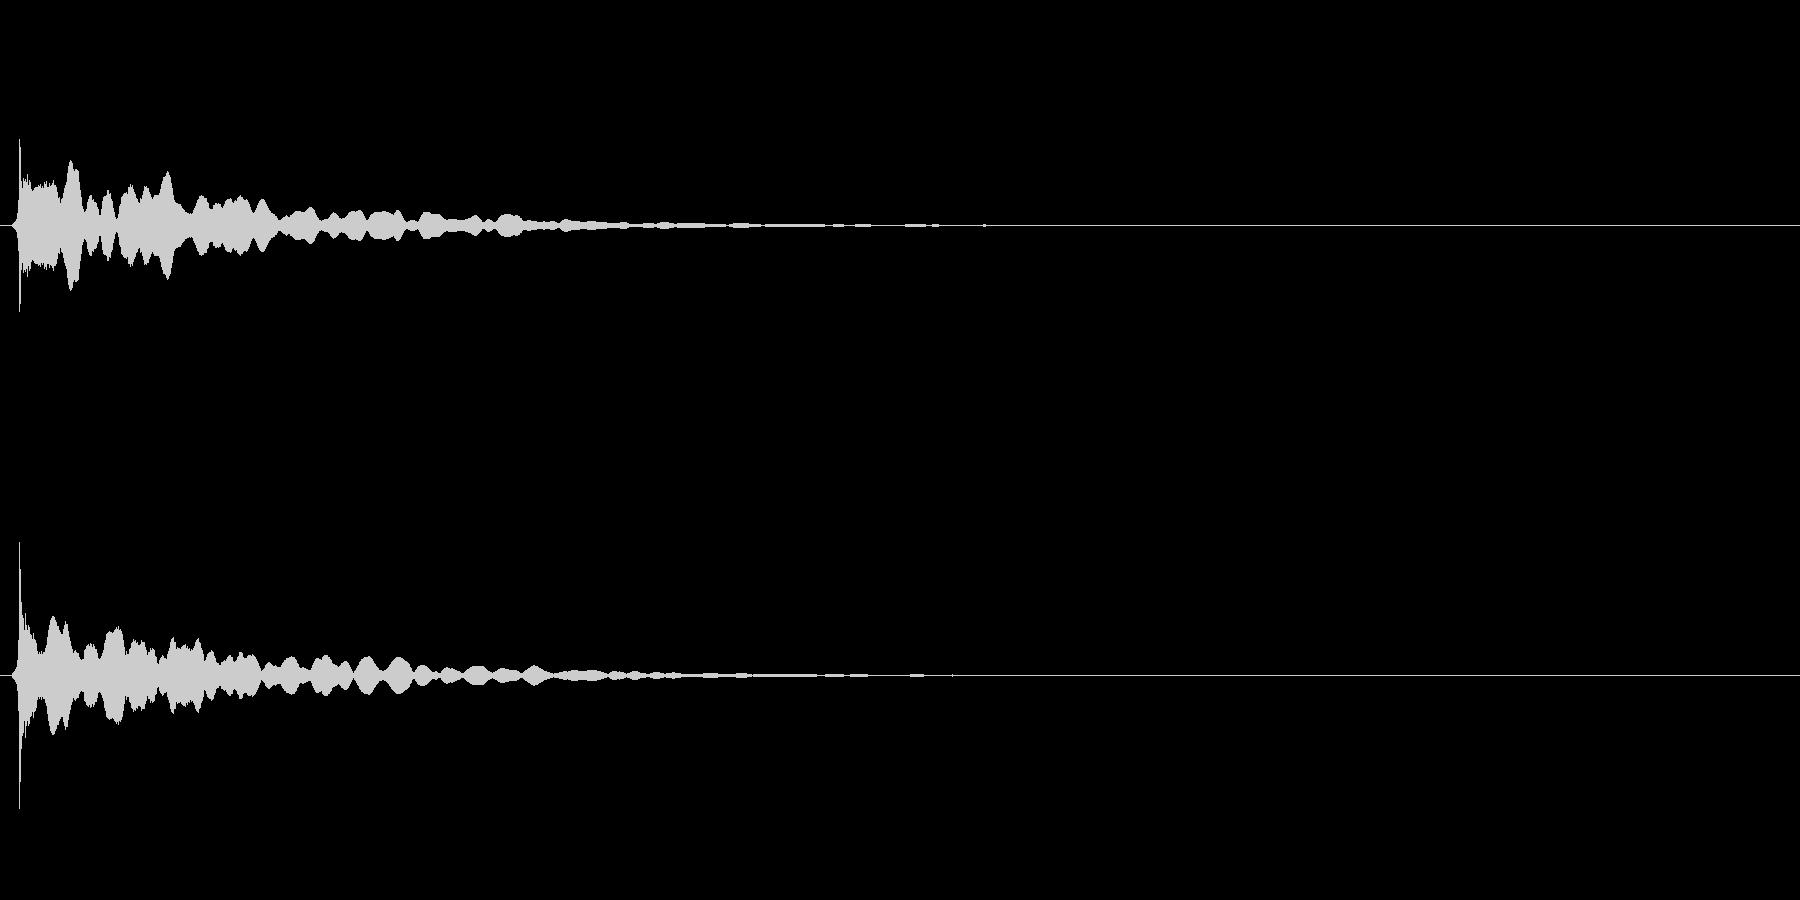 キラキラ系_094の未再生の波形